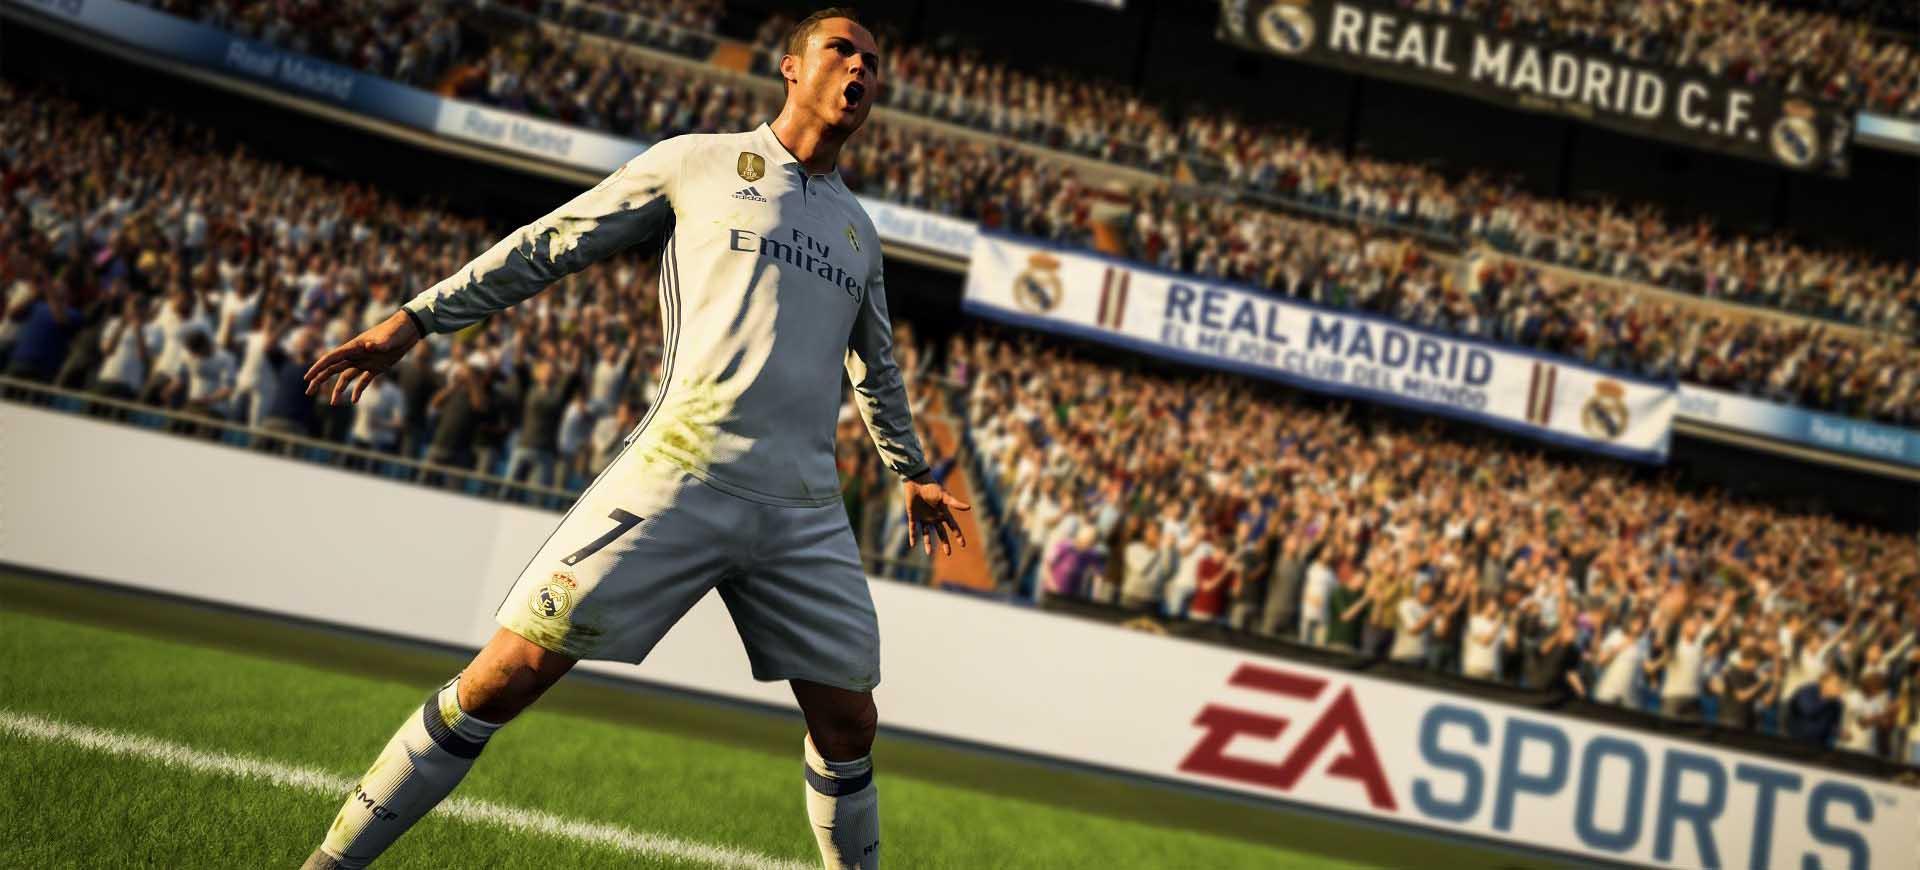 FIFA 18 - Những Thay Đổi Từ Nền Tảng Cũ - Giới Thiệu Game